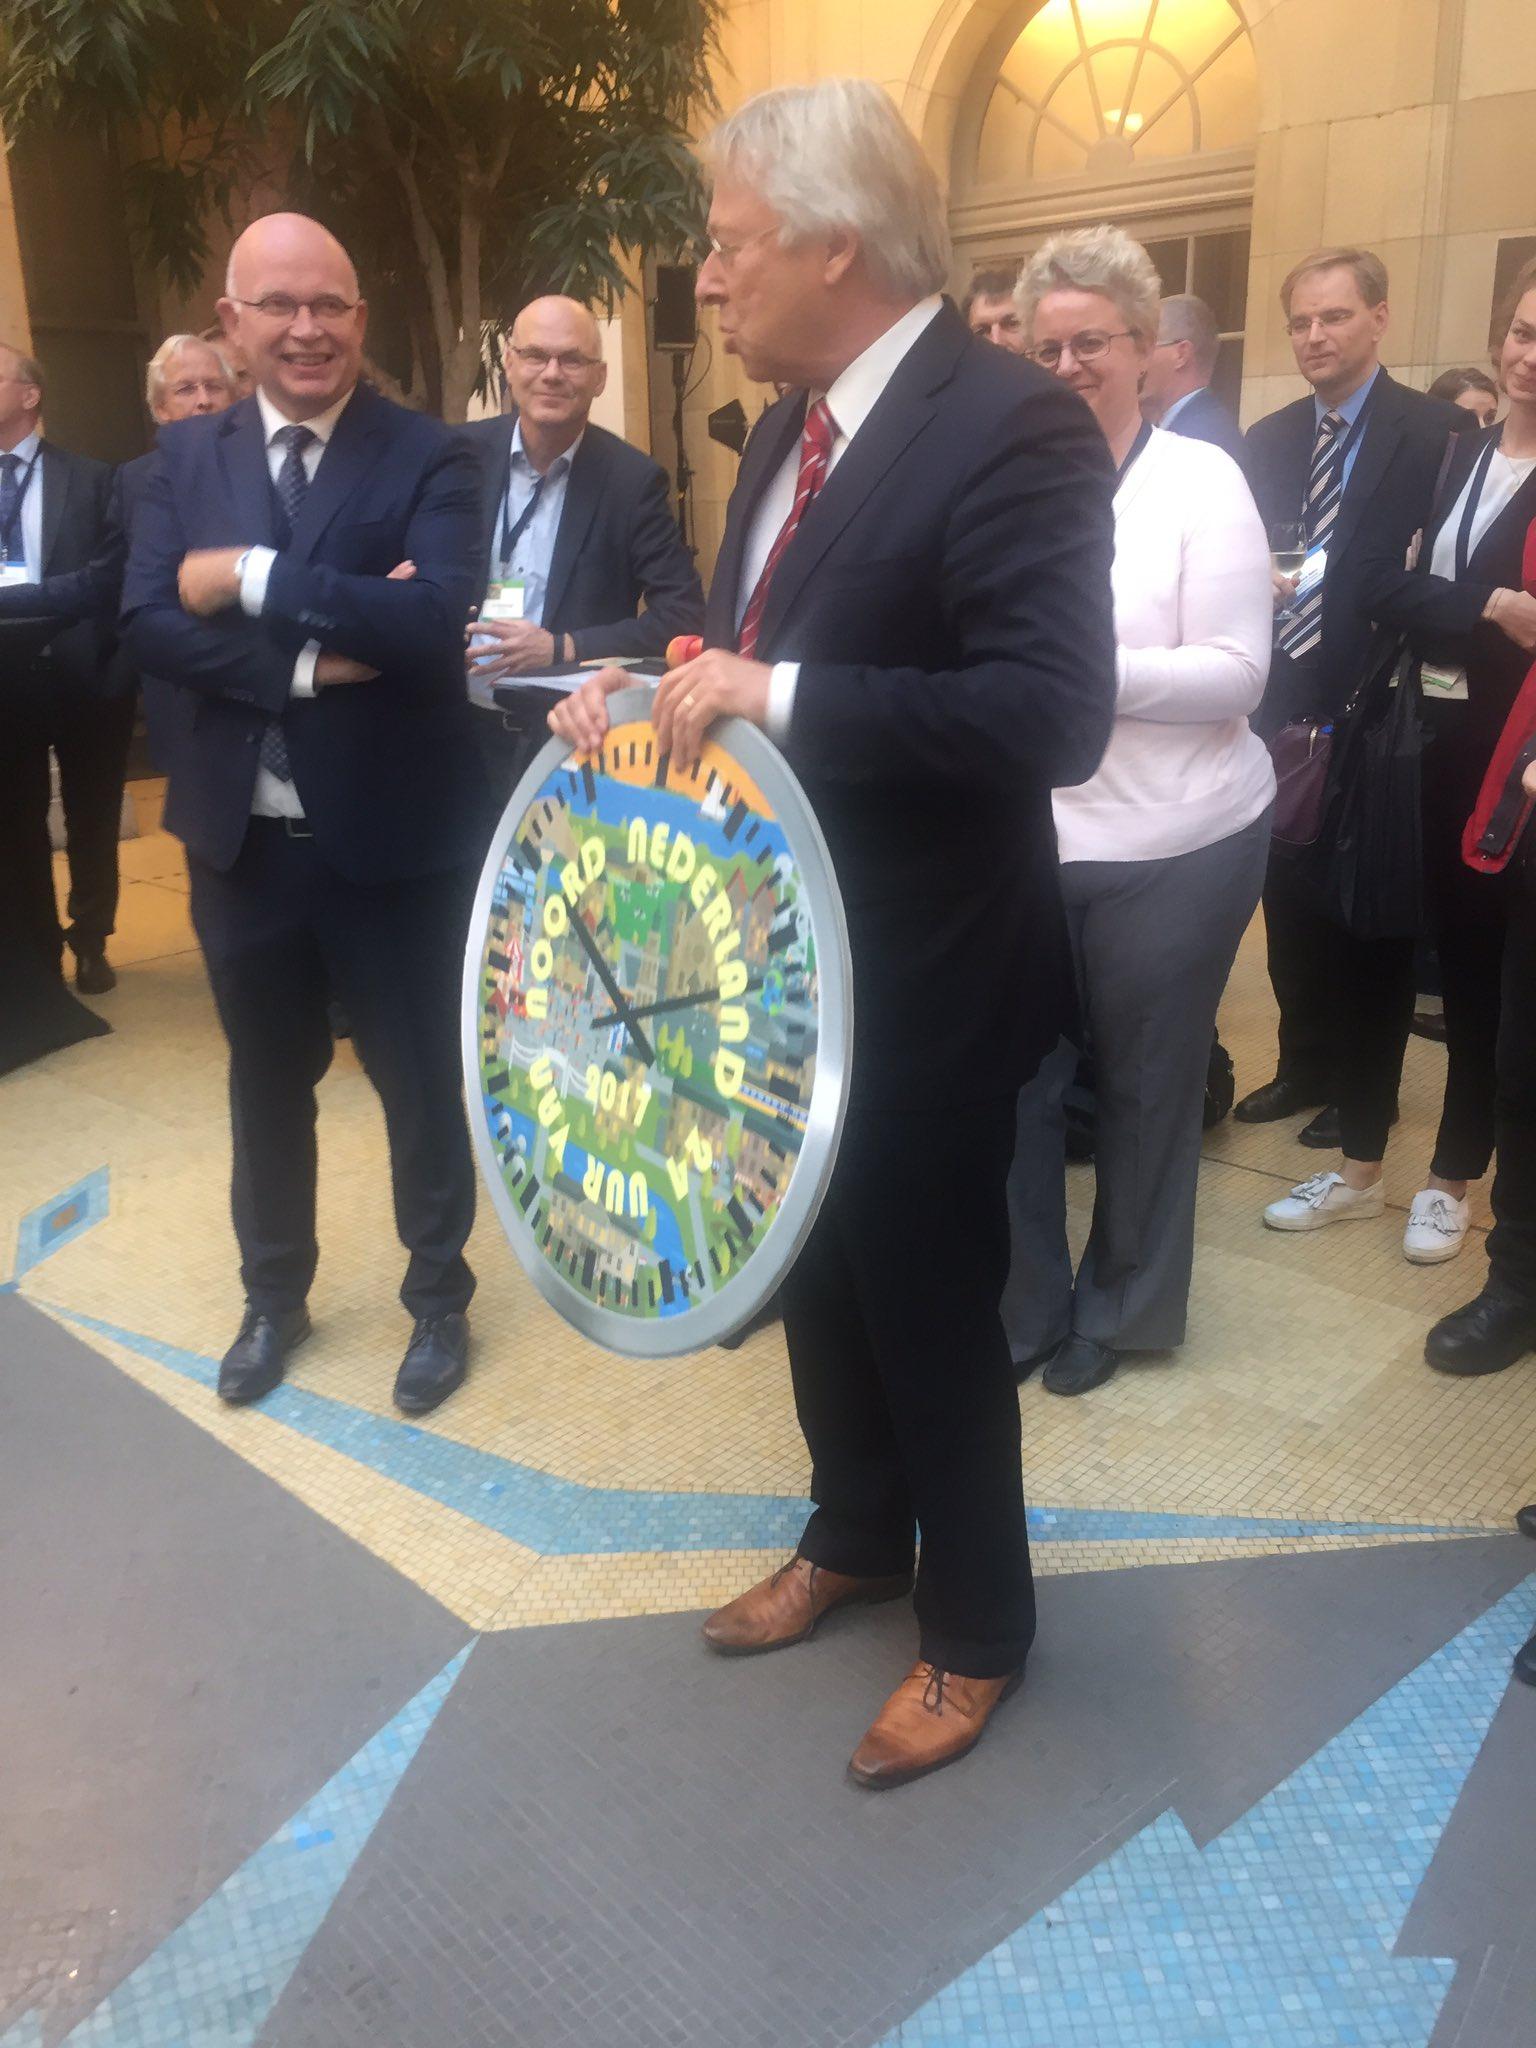 De stad Groningen neemt de organisatie van de #24hoursNNL over voor 2017 met @Peterdenoudsten https://t.co/vkpj5fJQzf